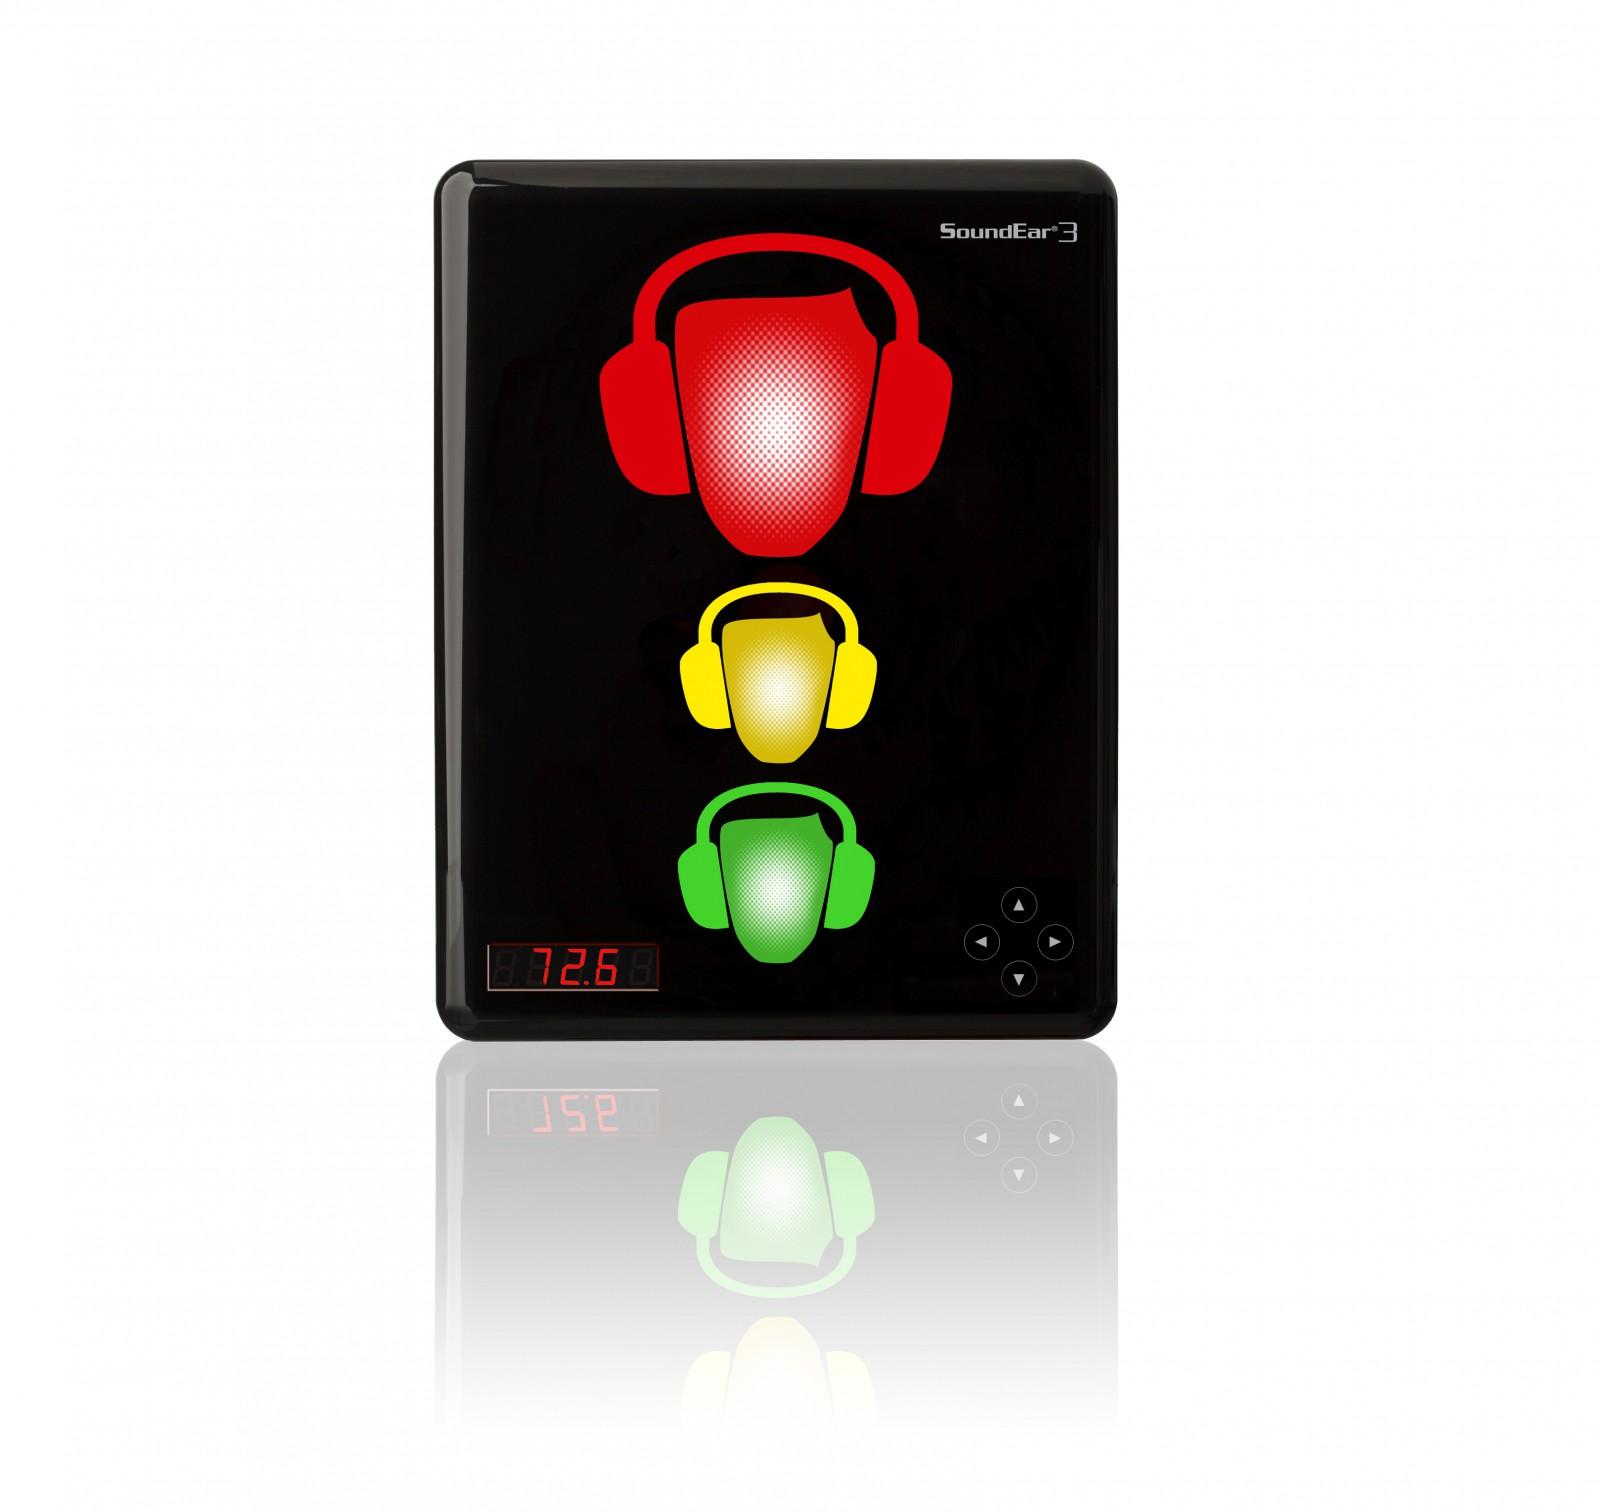 SoundEar 3-310 ist ein perfektes Gerät, um Lärm zu überwachen und sich einen Überblick über die Lärmverhältnisse zu verschaffen. Das visuelle Signal zeigt, wann es notwendig ist, den Gehörschutz zu benutzen.